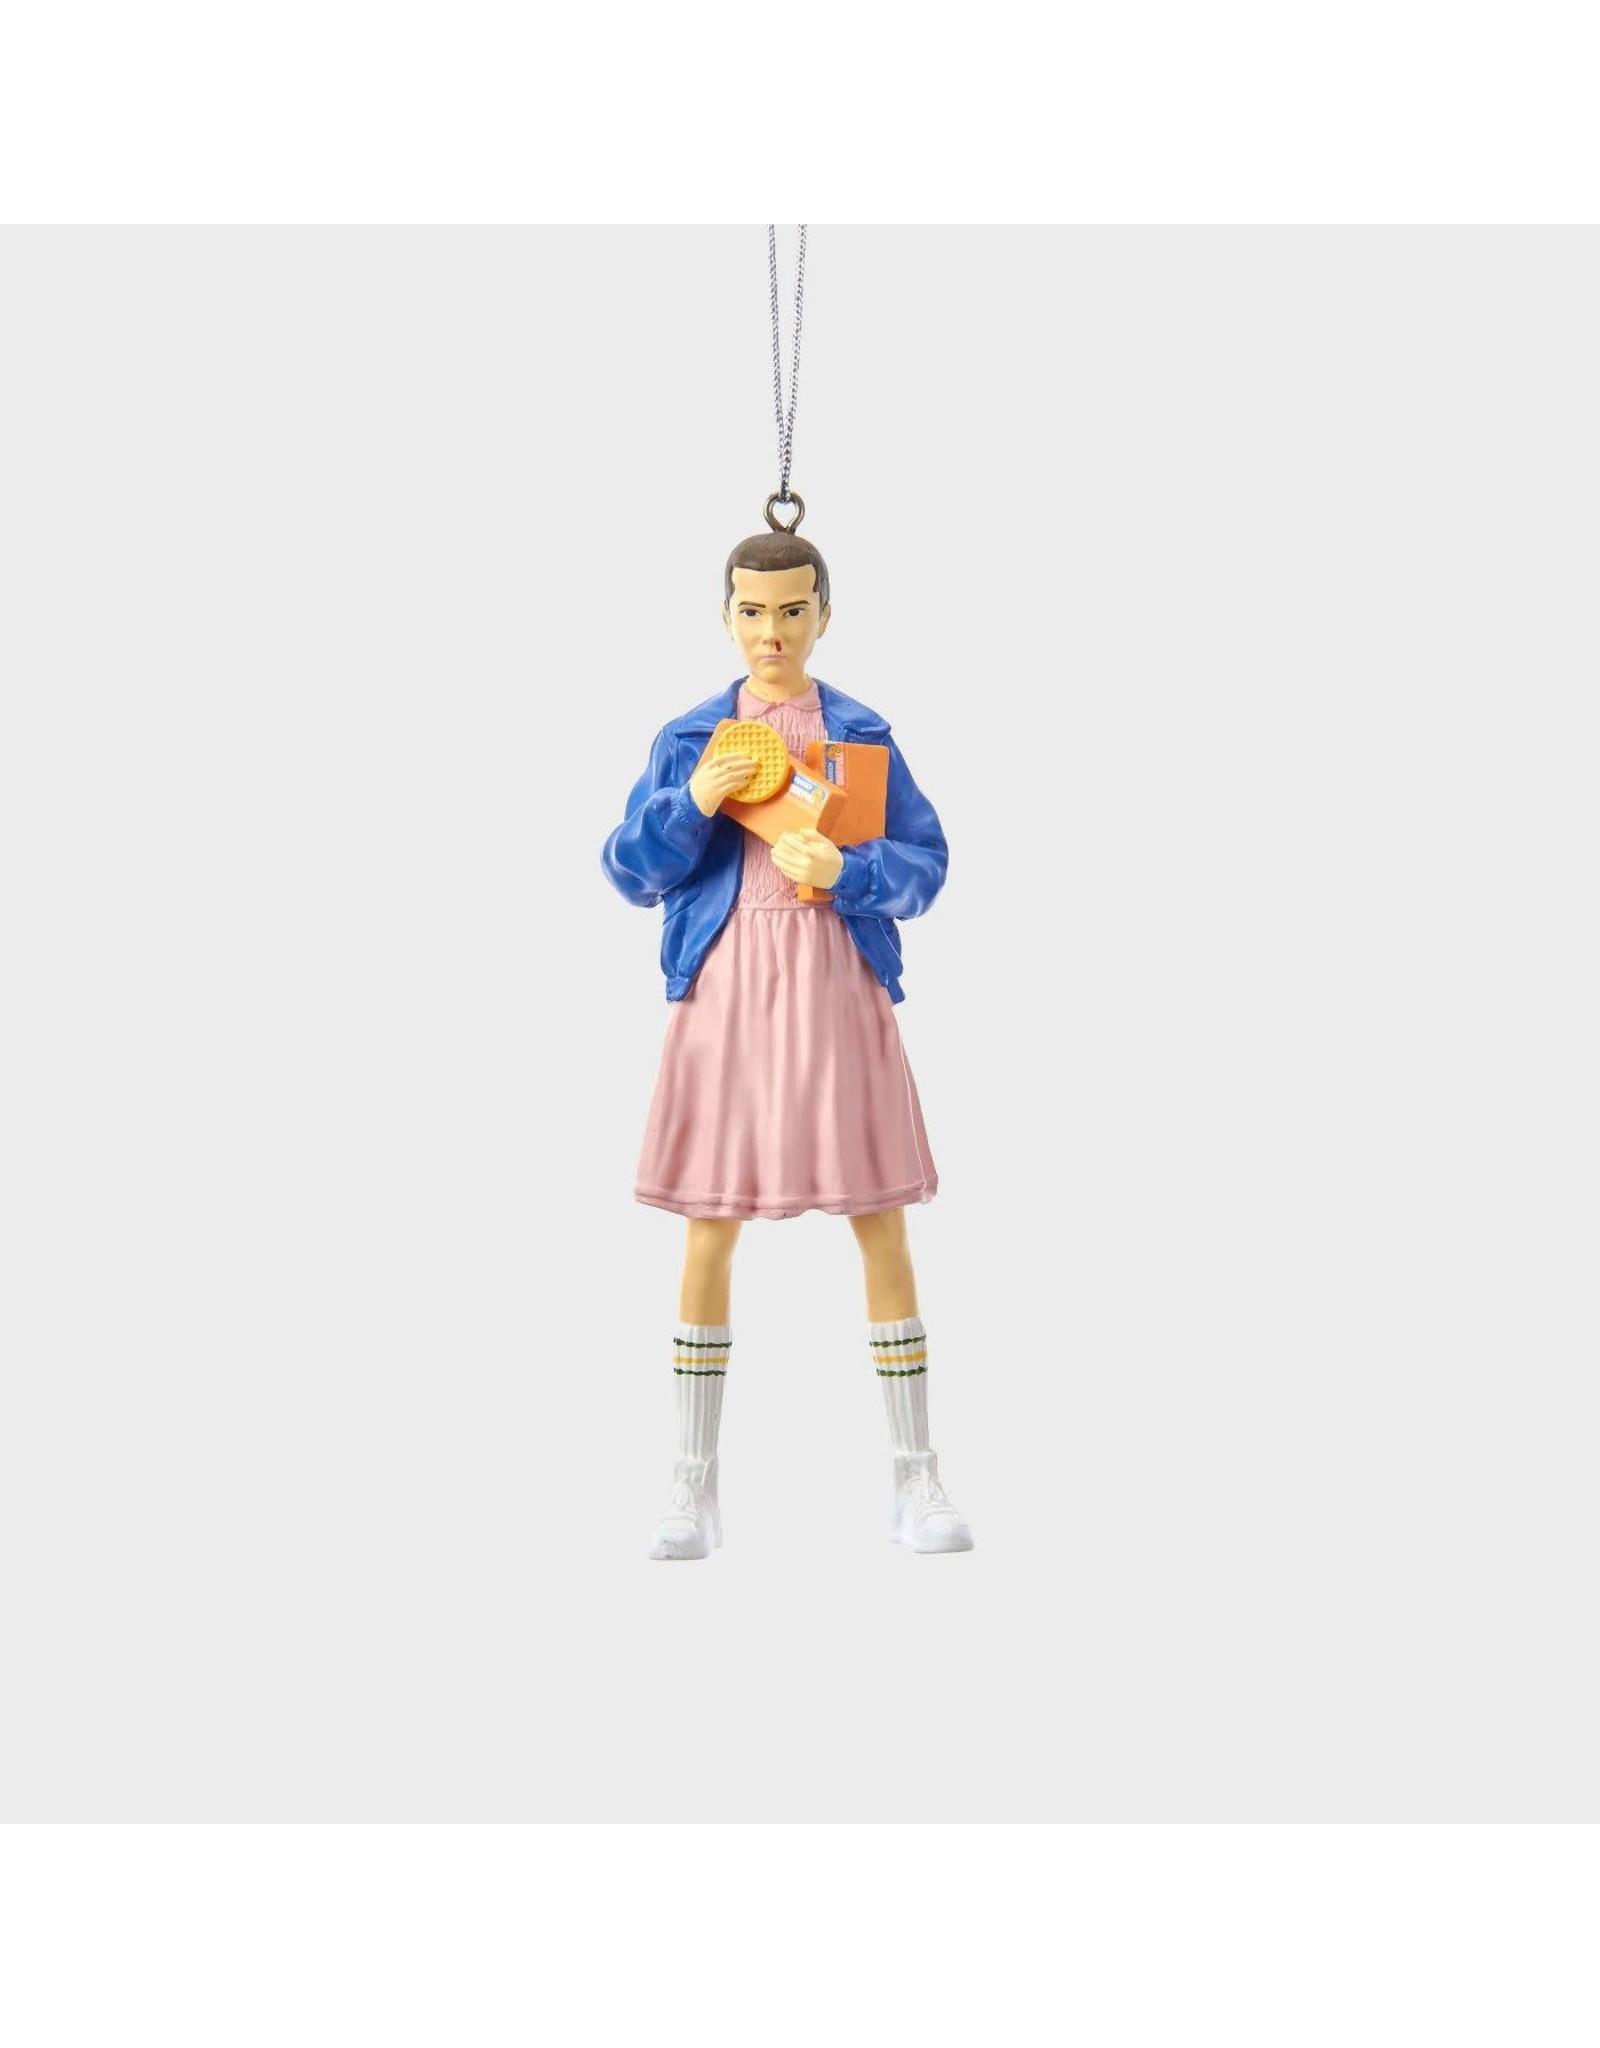 Ornament - Eleven (Stranger Things)